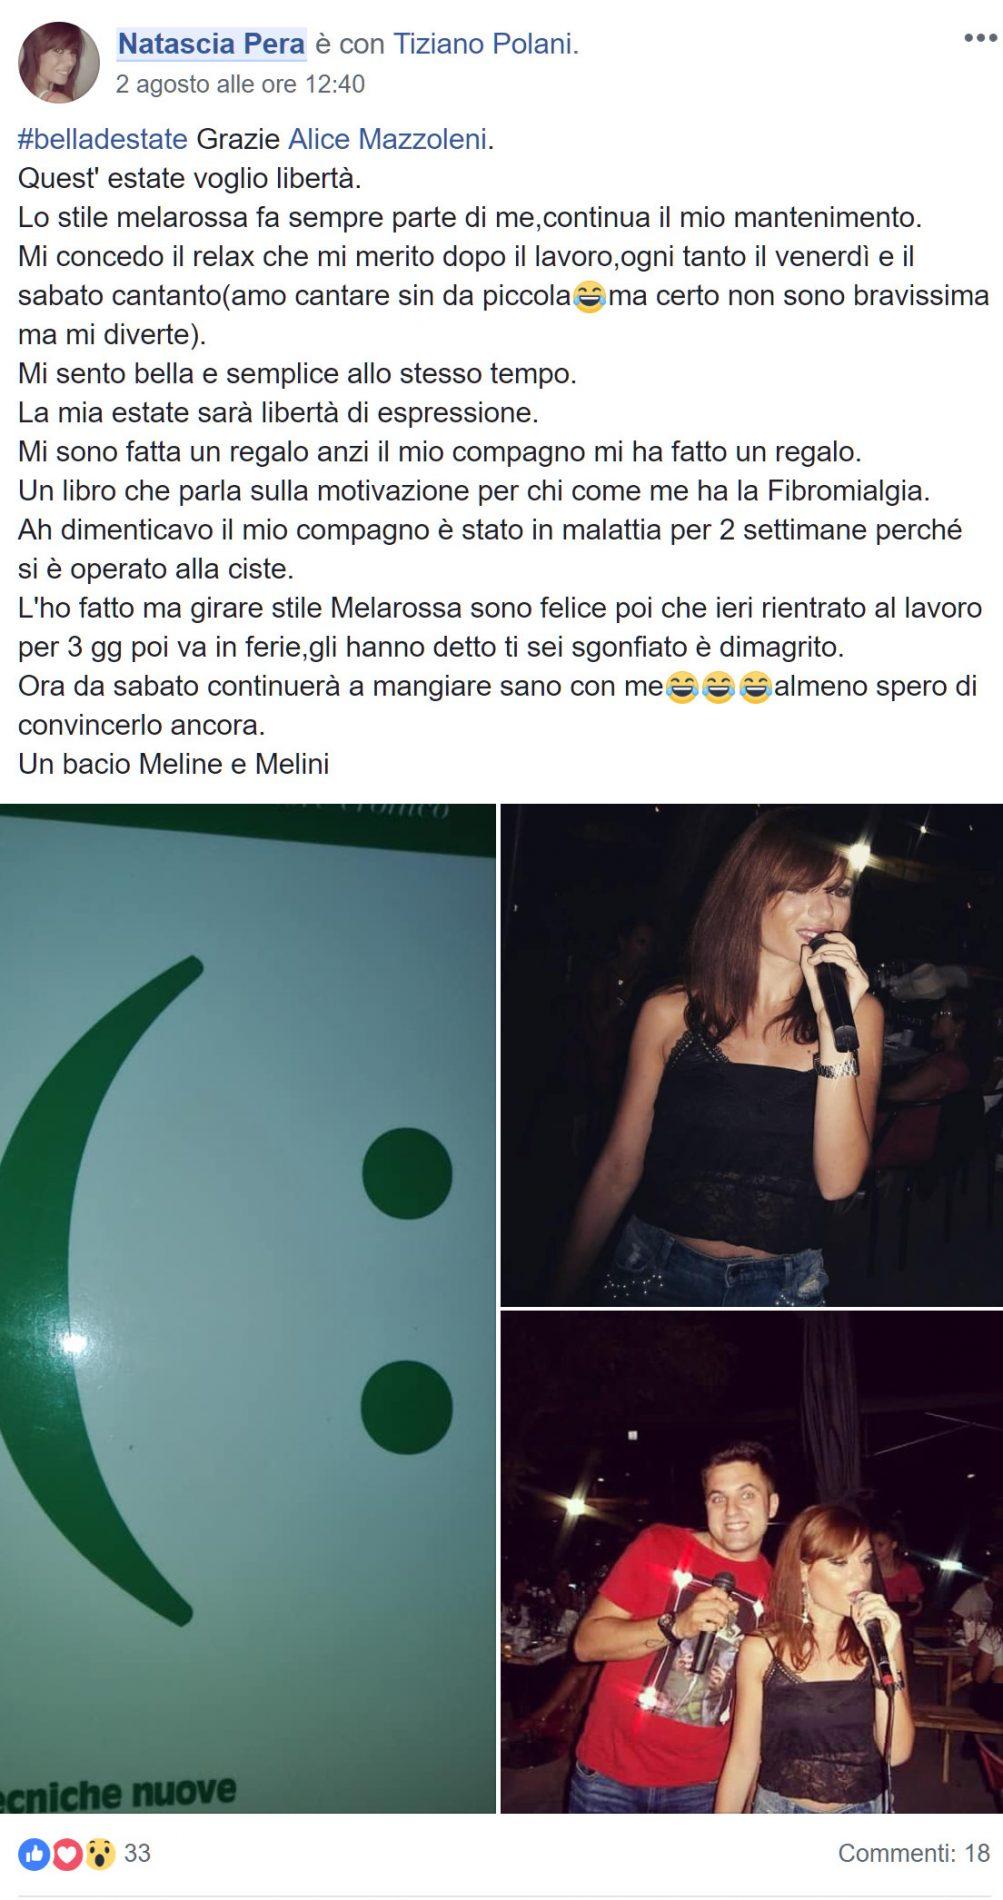 Natascia Pera #belladestate